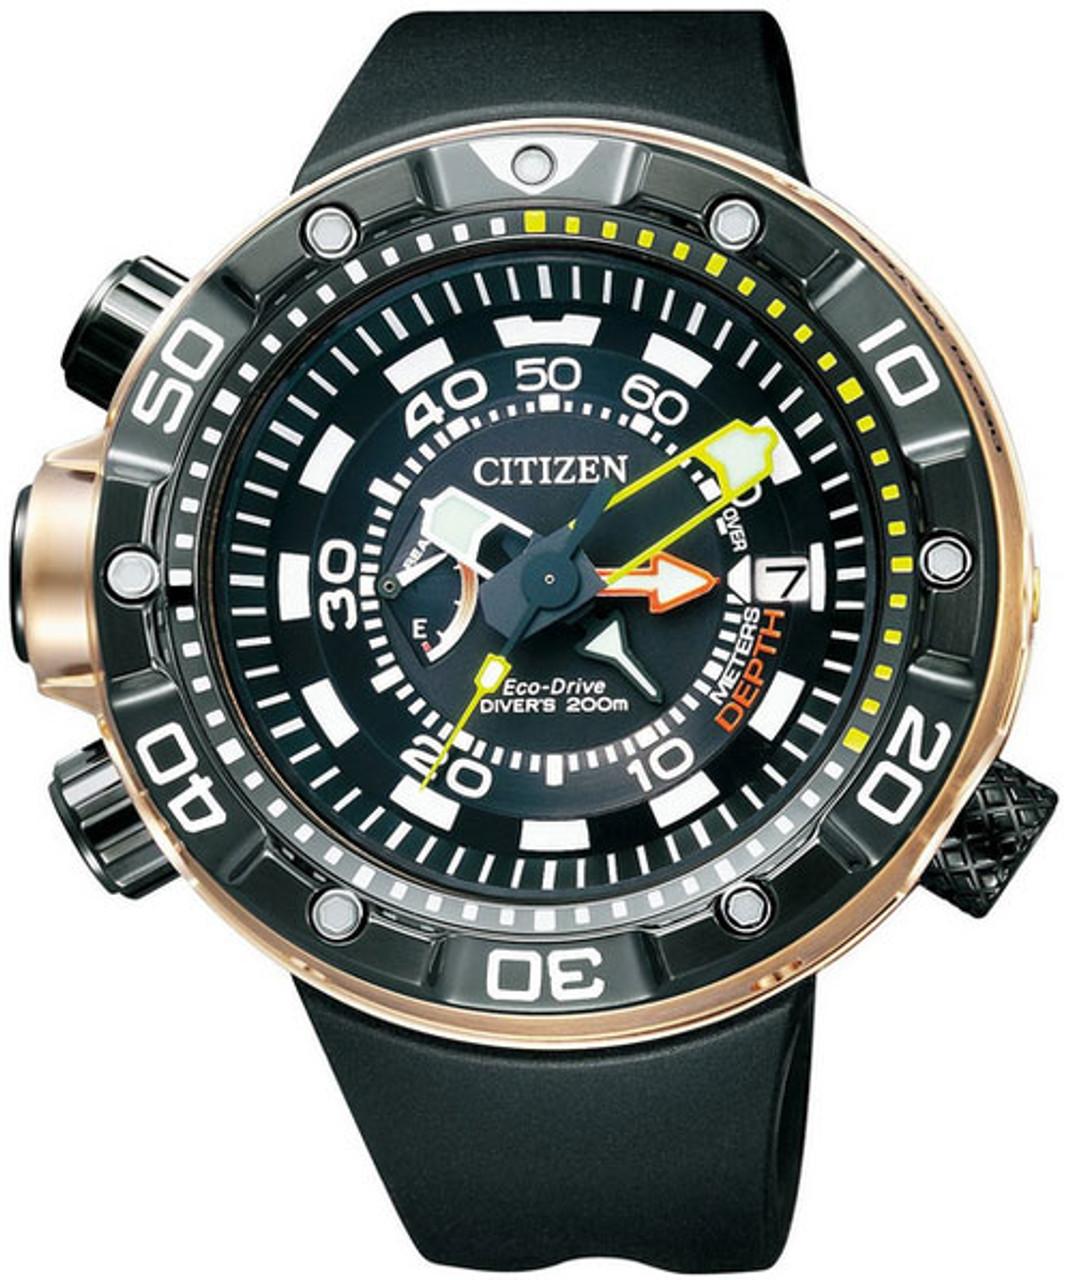 Citizen Promaster Aqualand BN2025-02E Limited